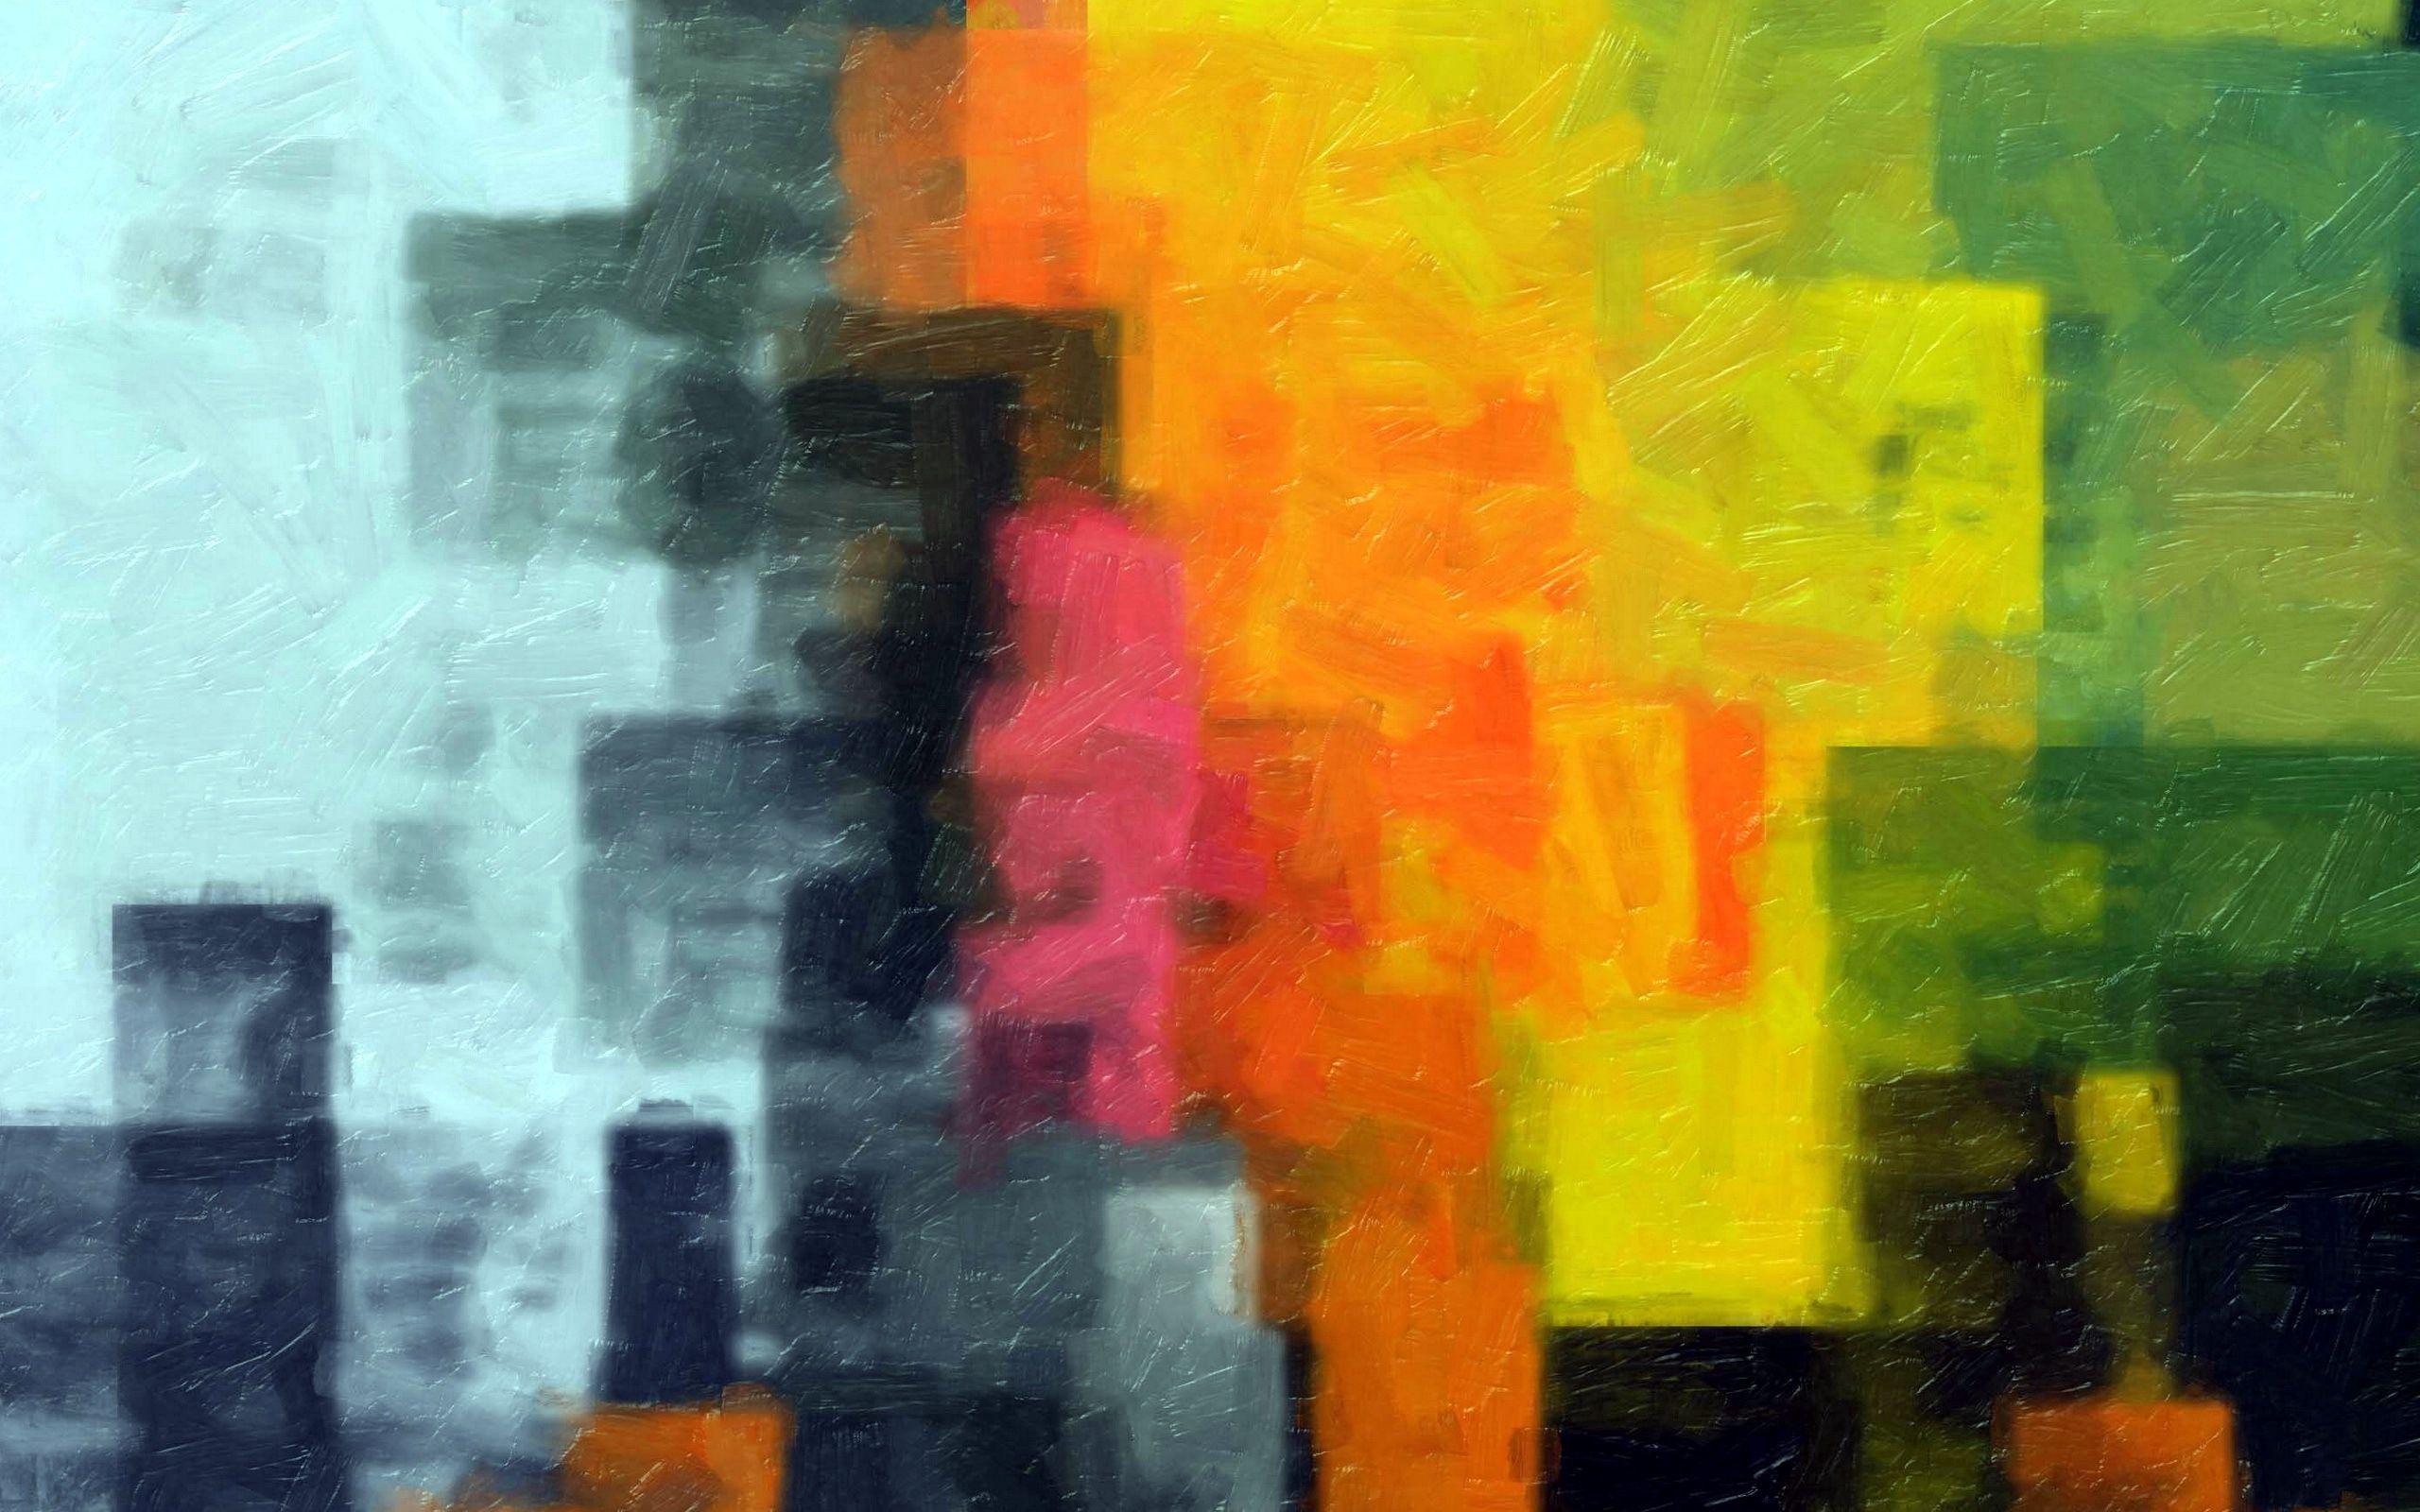 66602 обои 720x1280 на телефон бесплатно, скачать картинки Фон, Текстуры, Свет, Разноцветный, Краски, Цвет 720x1280 на мобильный